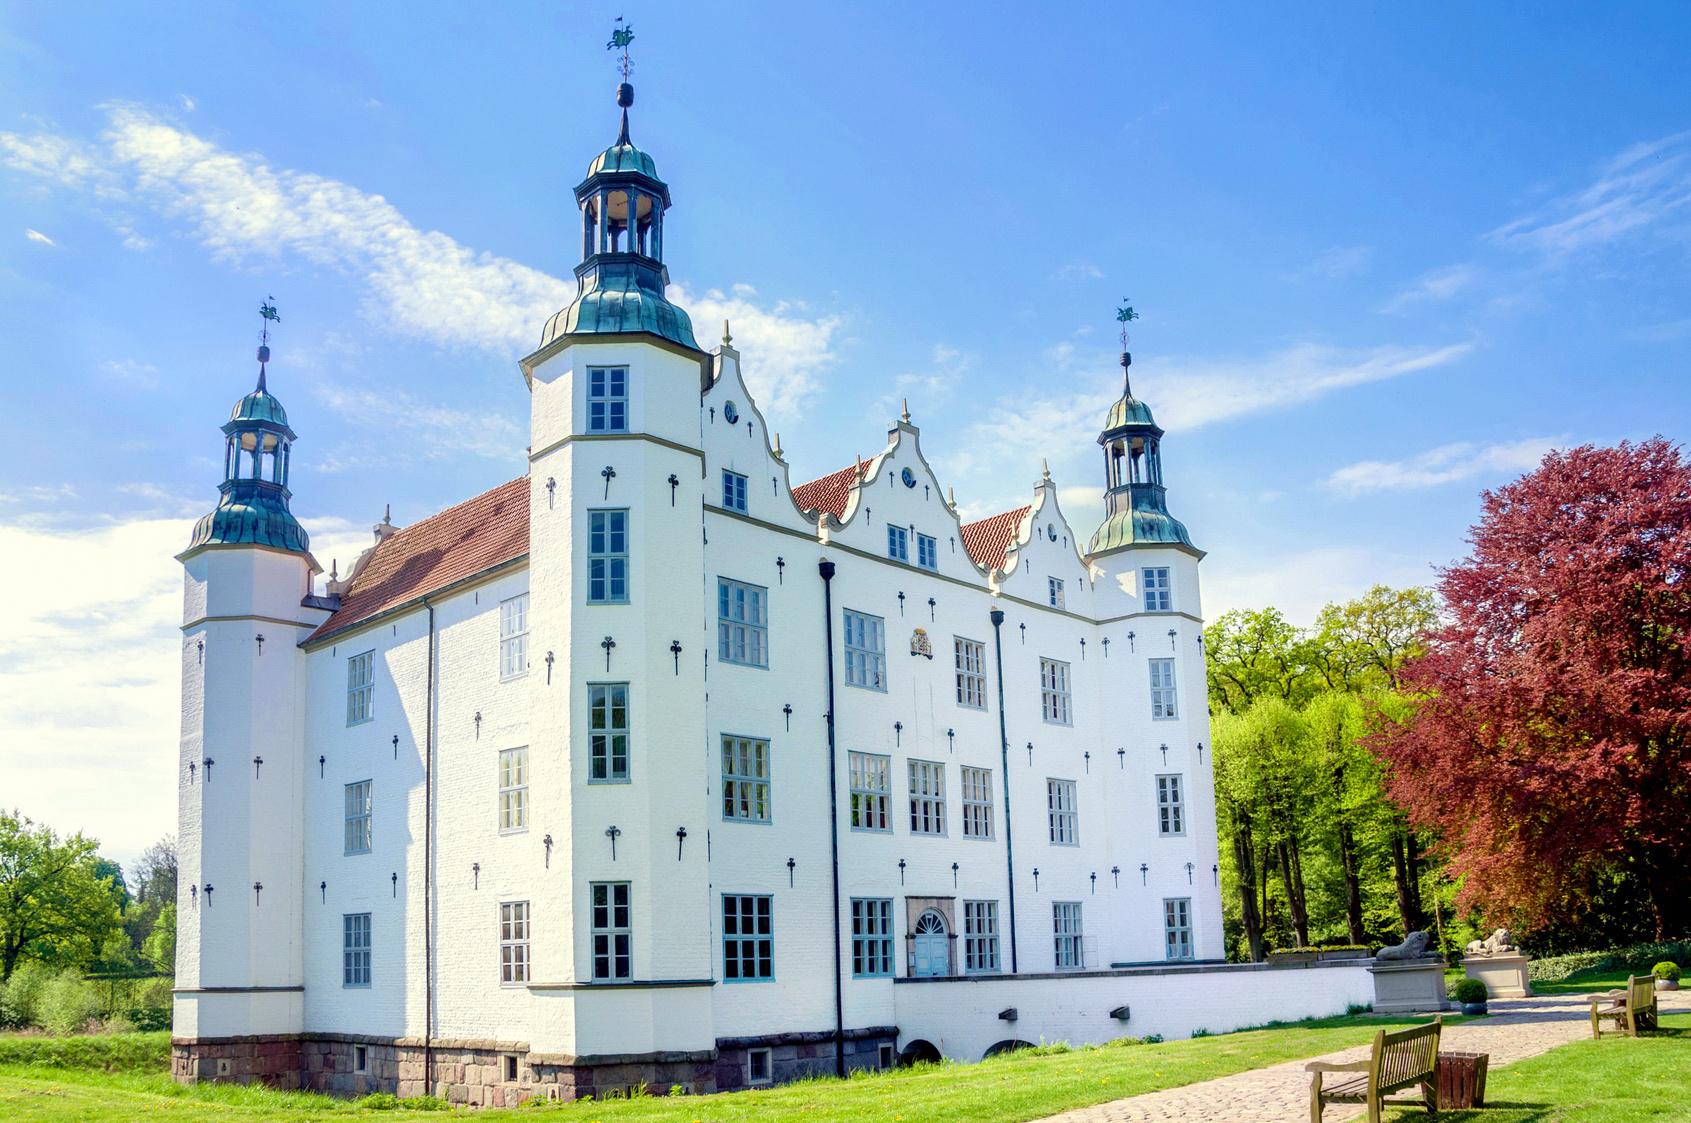 Schlossbesichtigung in Ahrensburg